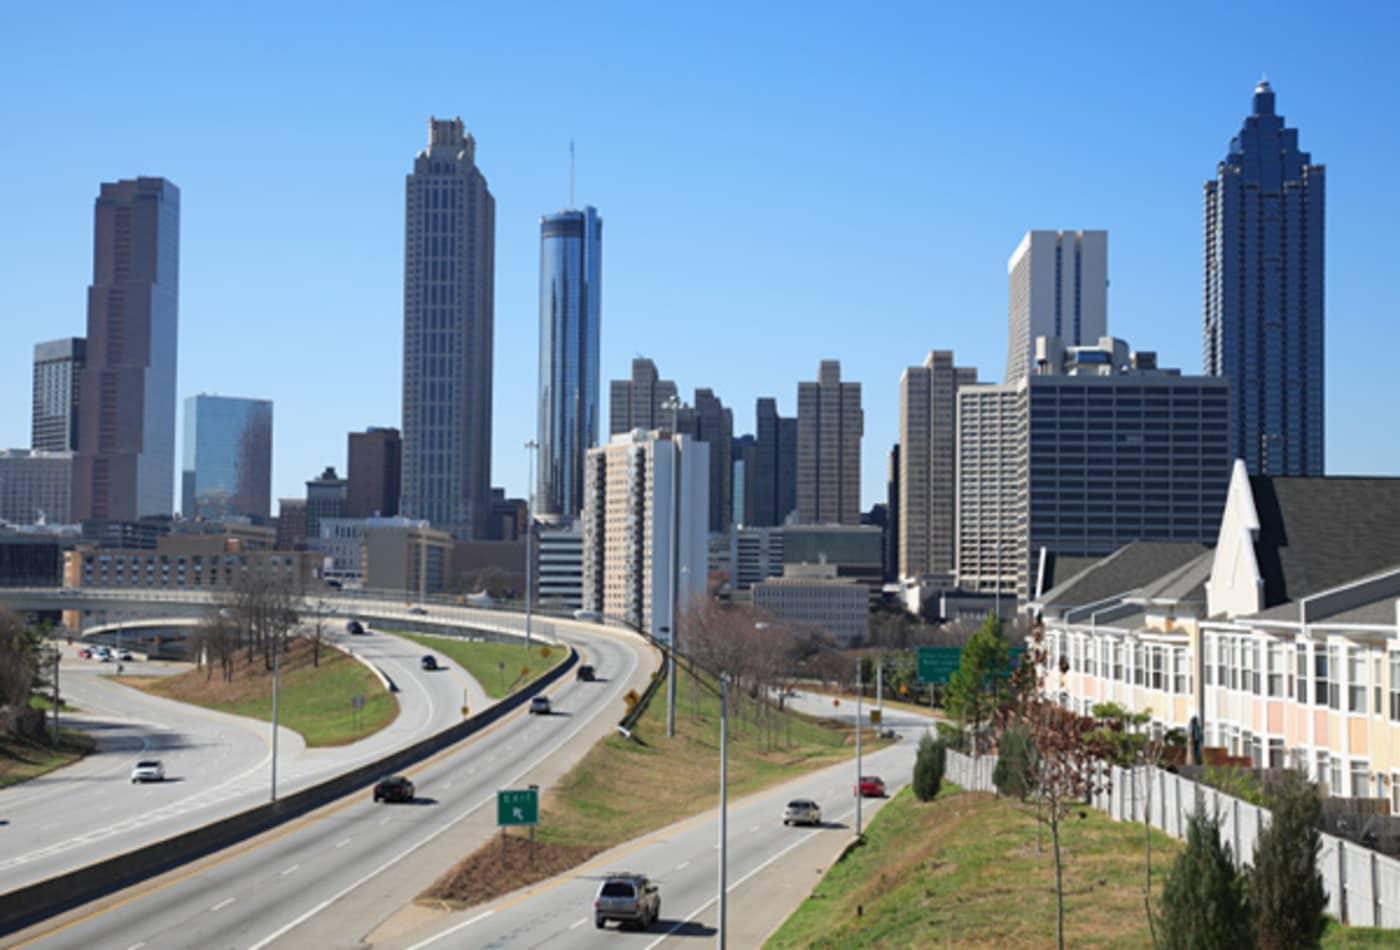 10-emptiest-us-cities-2012-atlanta1.jpg